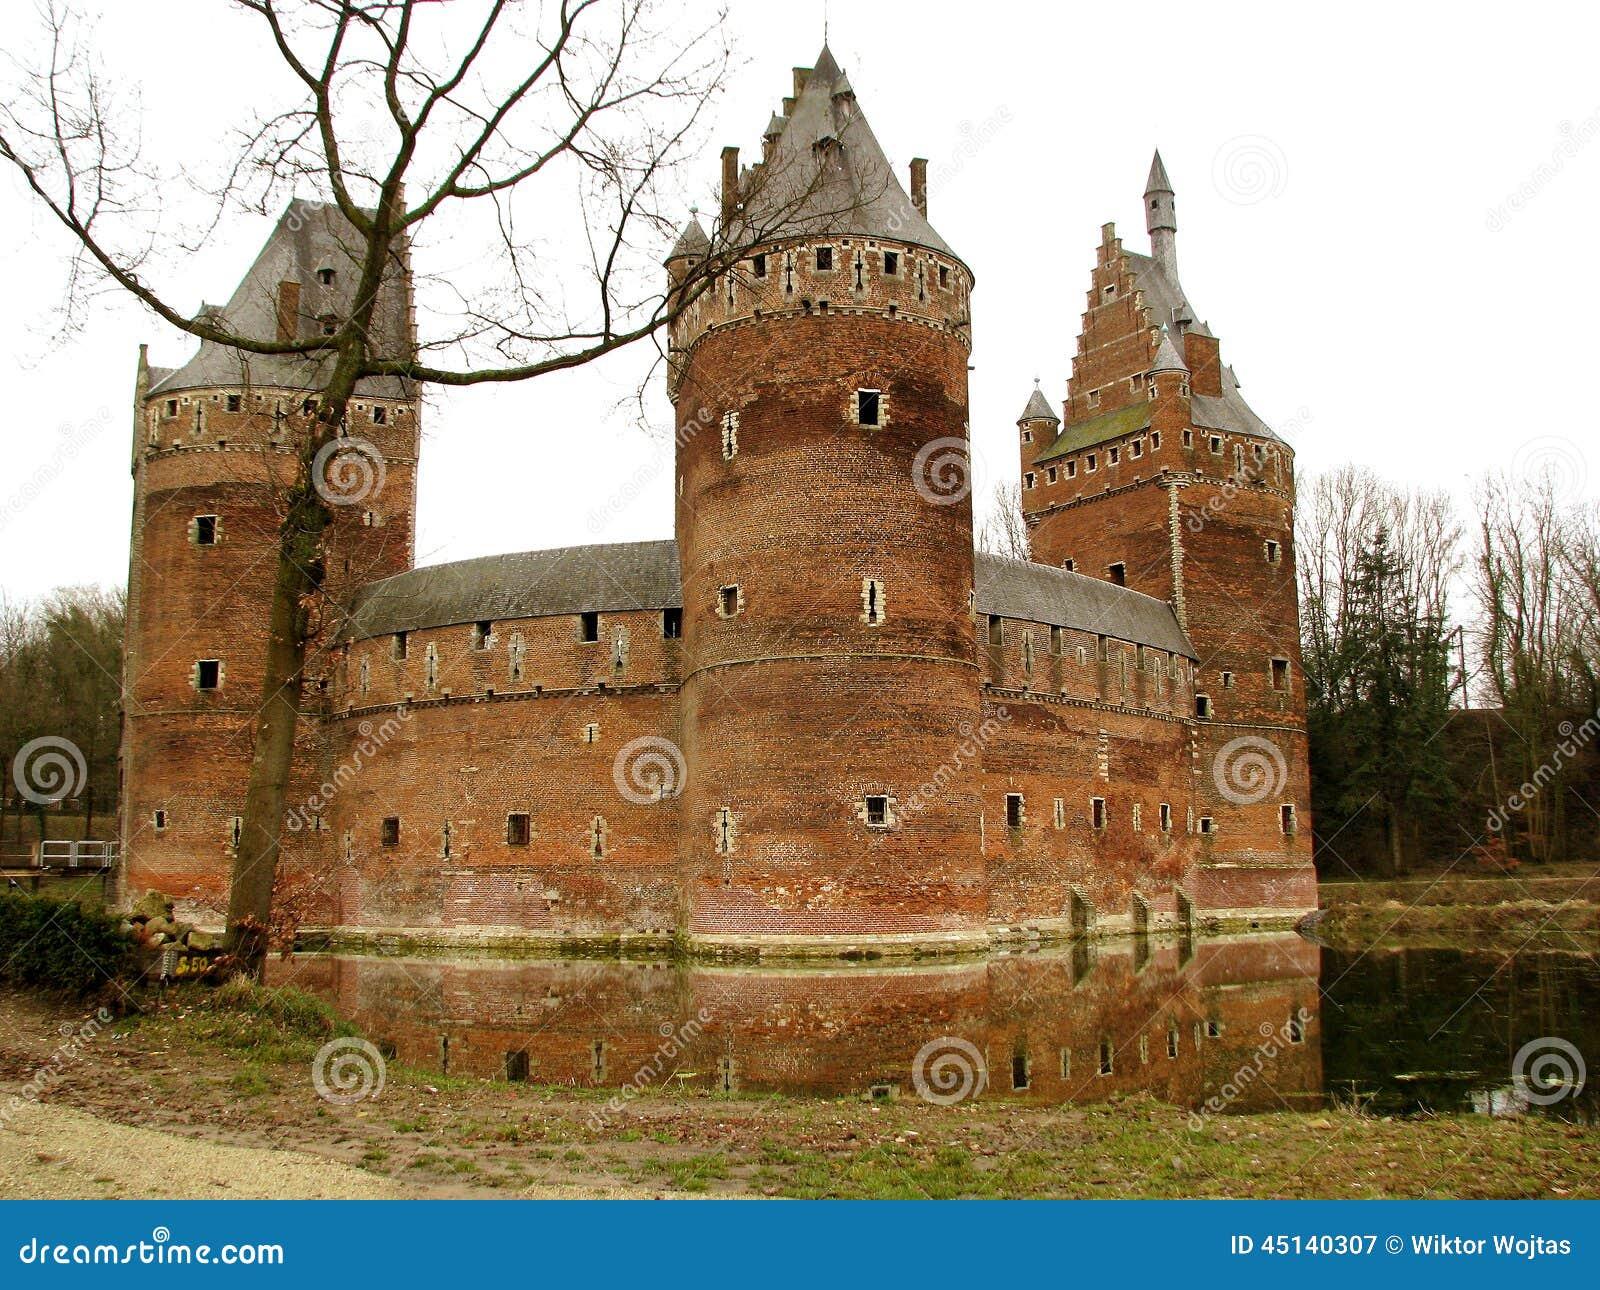 贝尔塞尔城堡(比利时)